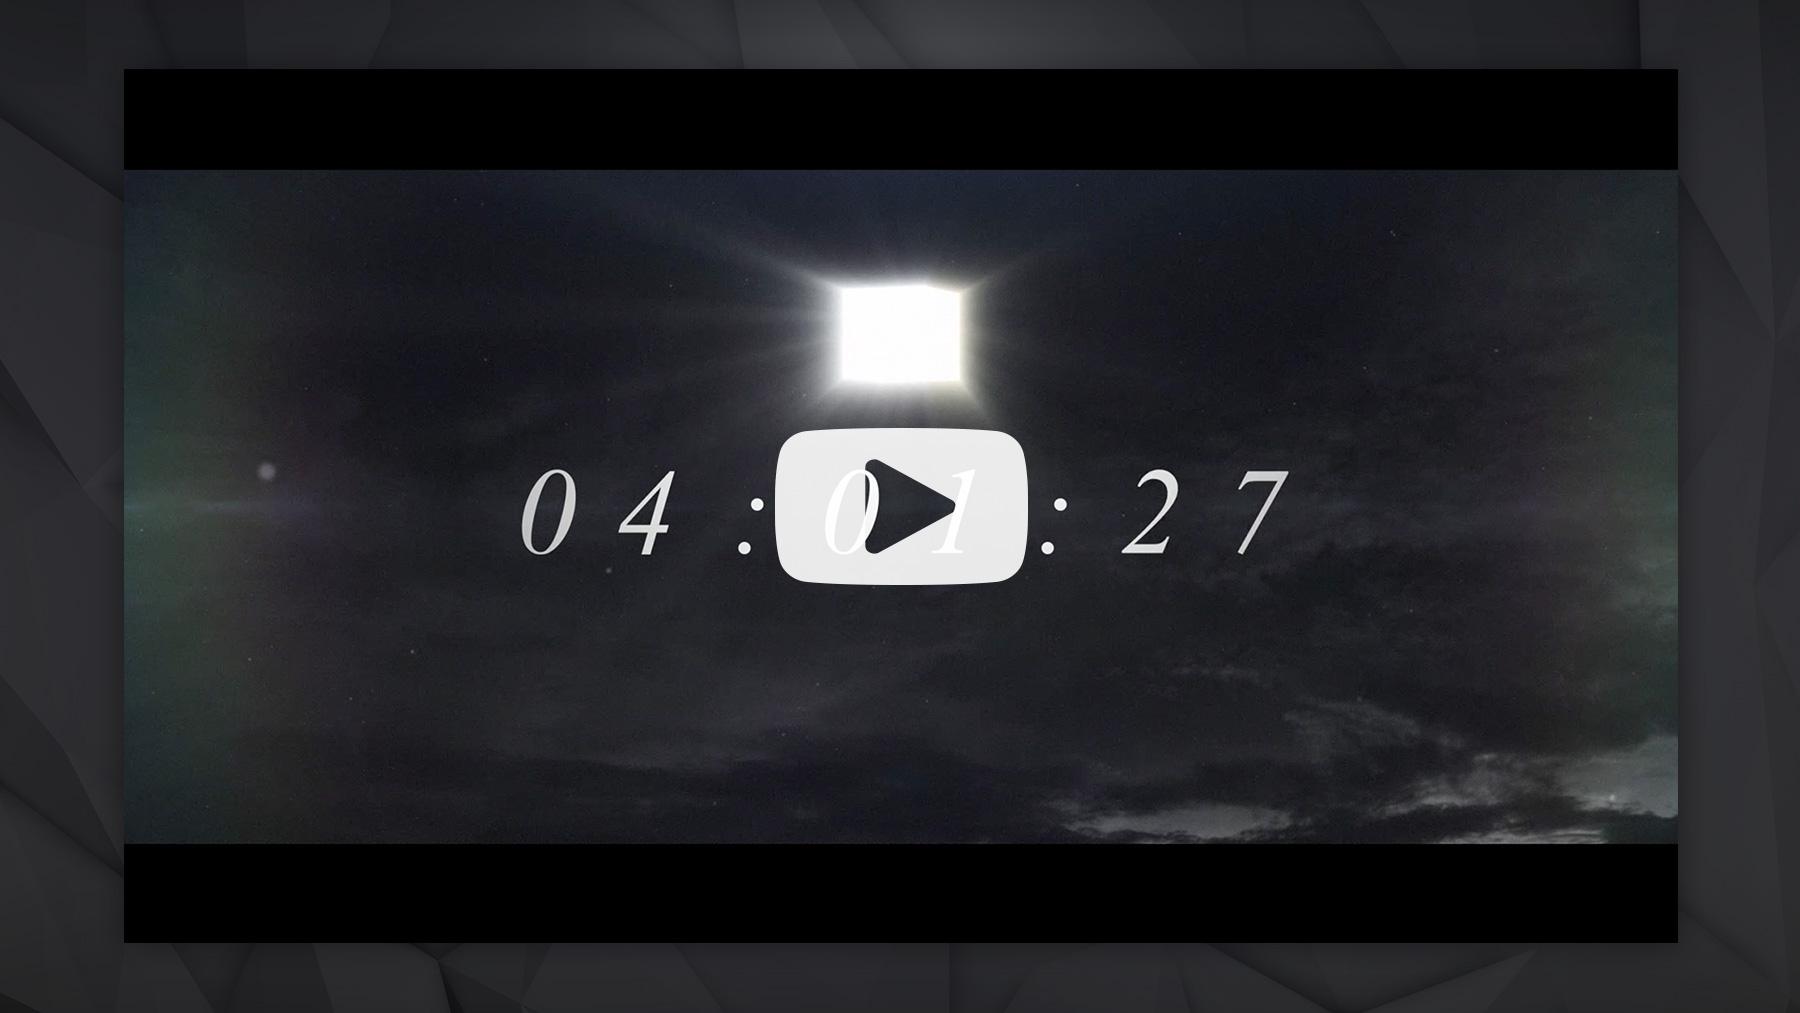 Nrne Countdown Video